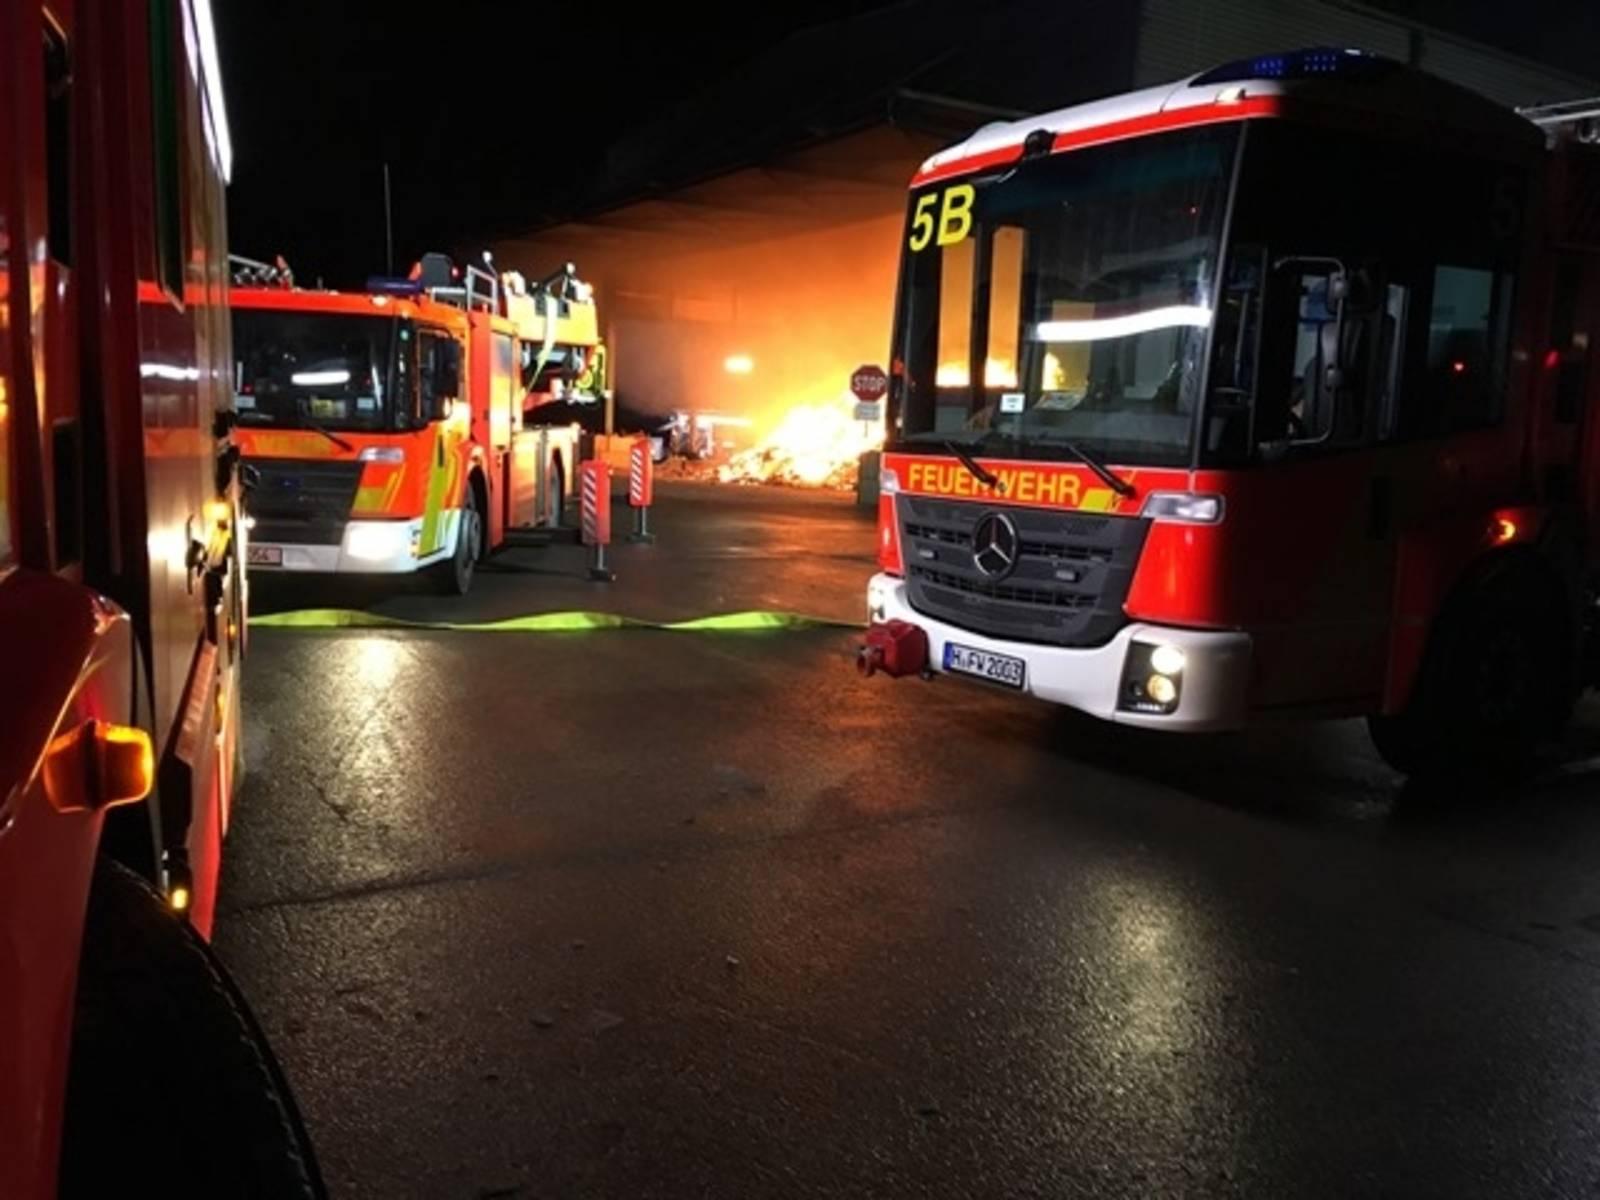 Großbrand in Lagerhalle für geschredderten Sperrmüll; die Feuerwehr bekämpfte die Flammen mit einem Großaufgebot.